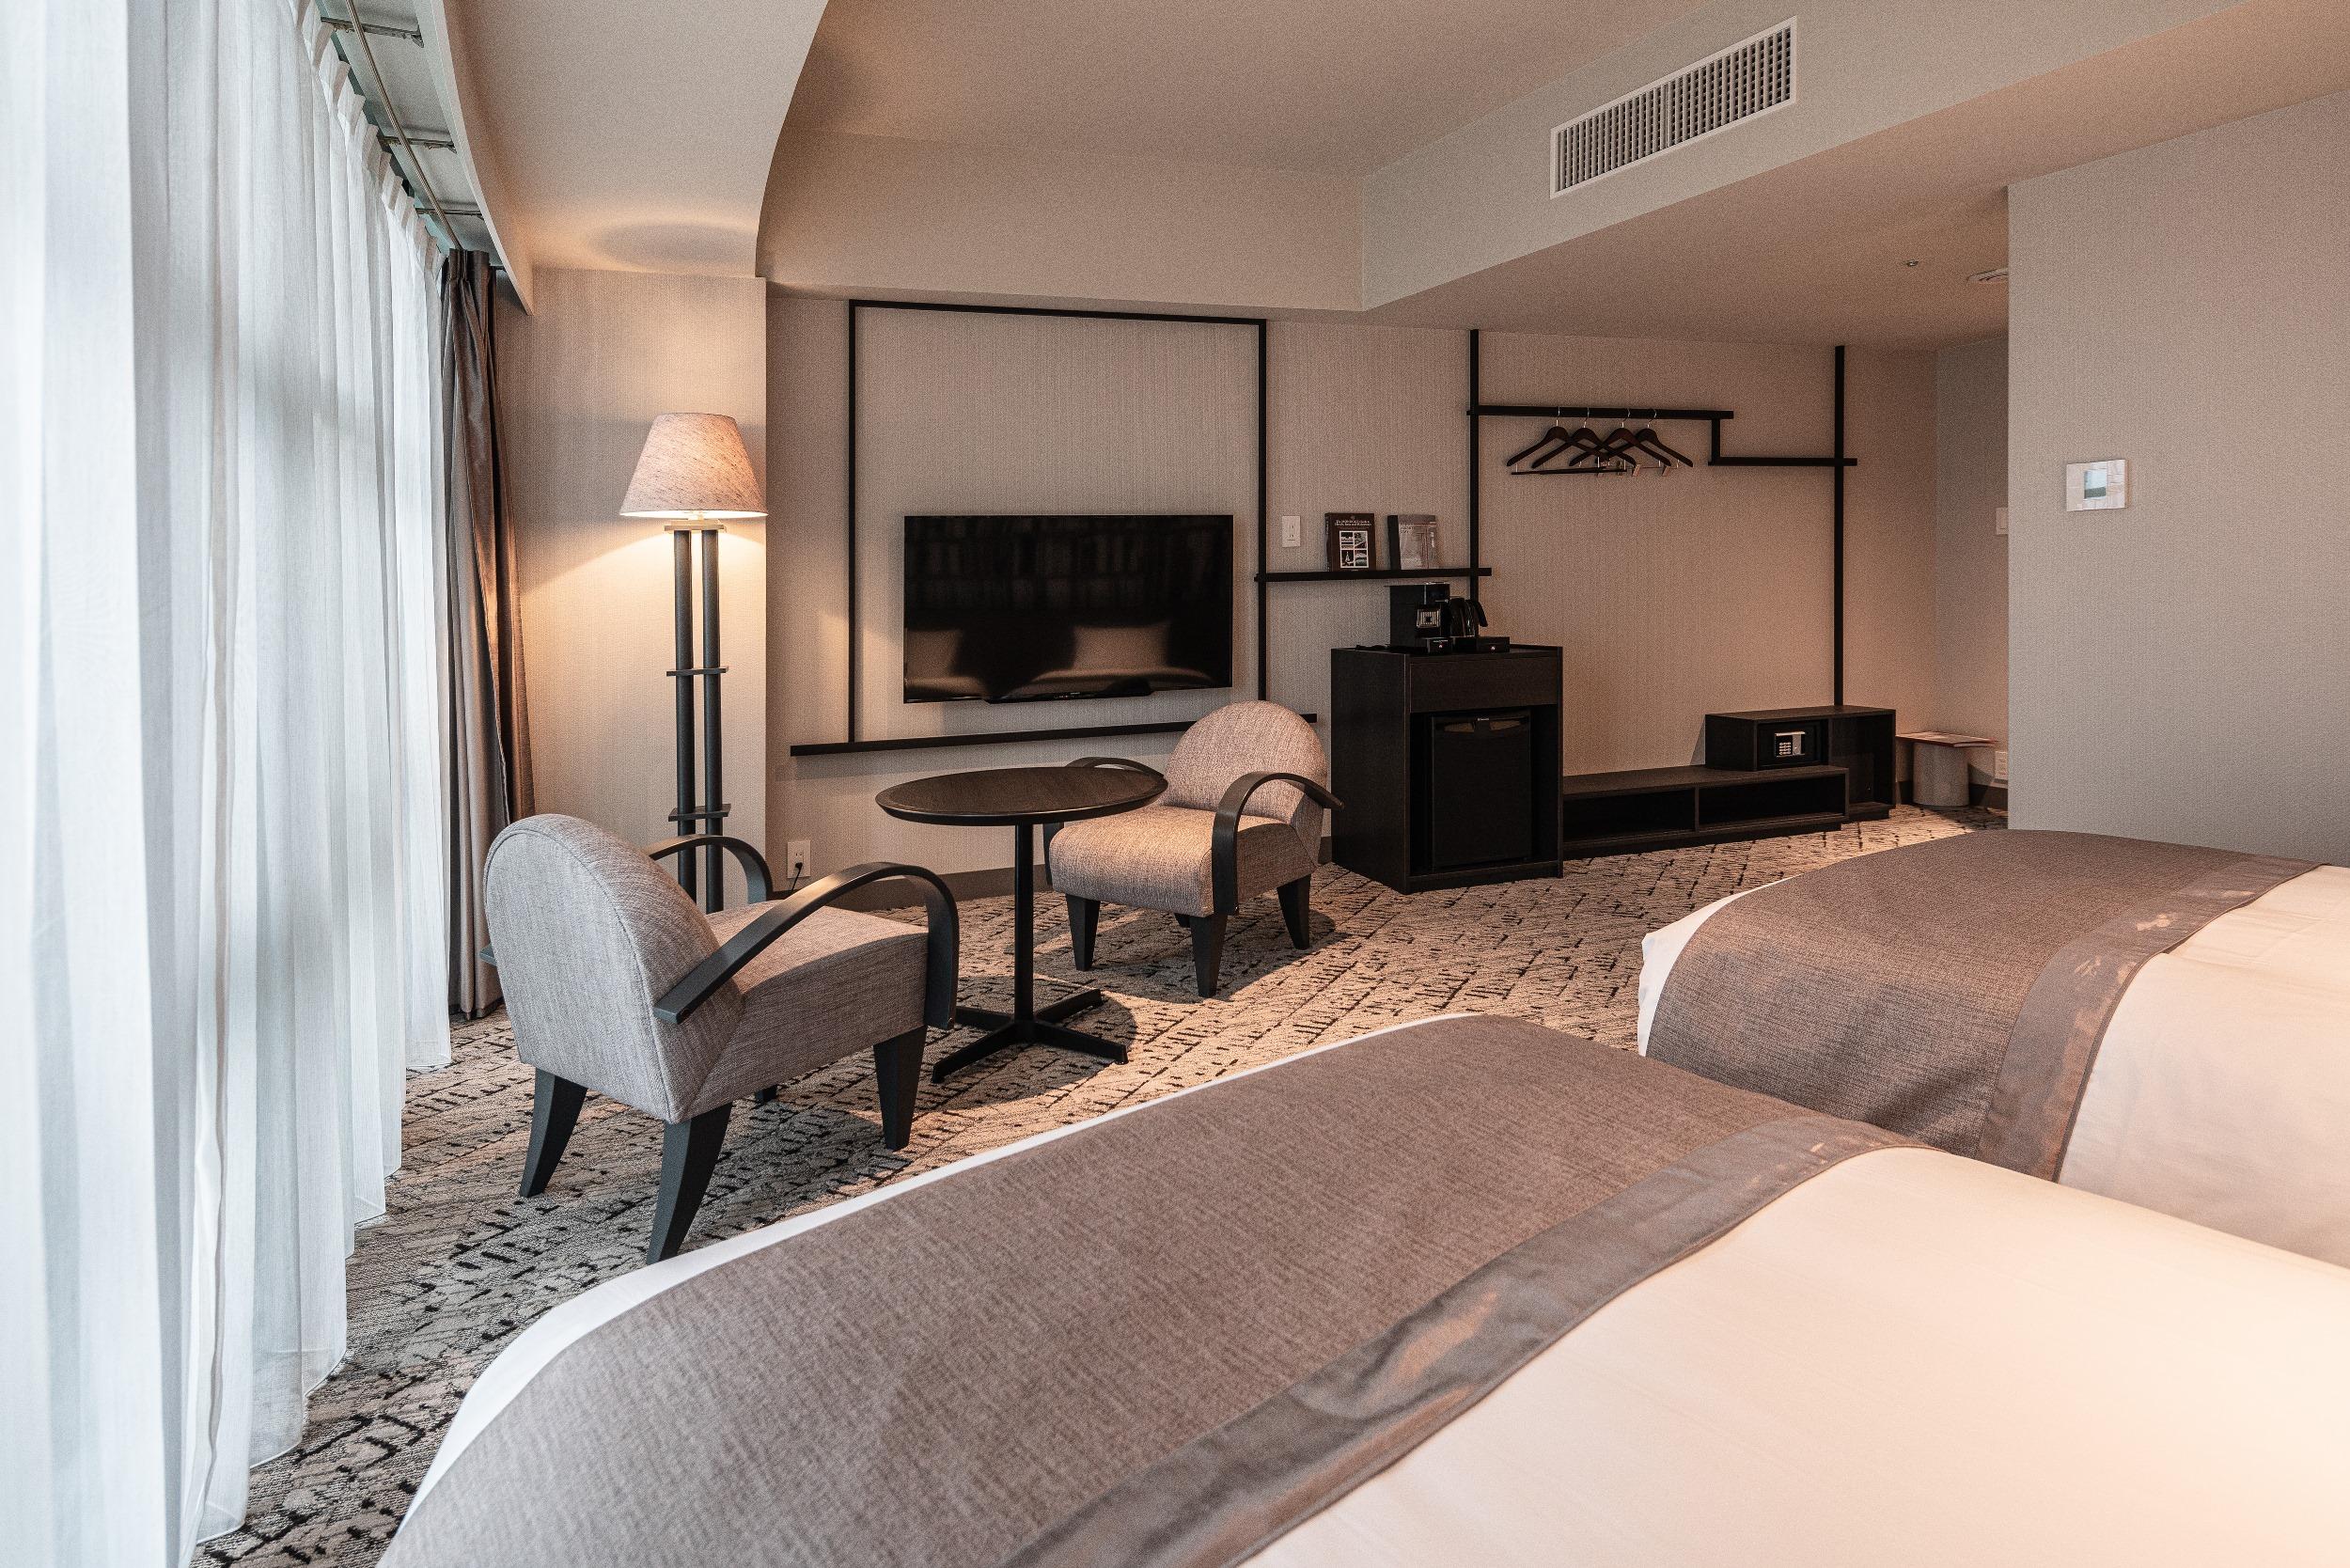 the-basics-fukuoka-hotel-%e4%bd%8f%e5%ae%bf%e7%a6%8f%e5%b2%a1-%e5%ae%bf%e6%b3%8a%e7%a6%8f%e5%b2%a1-9-2